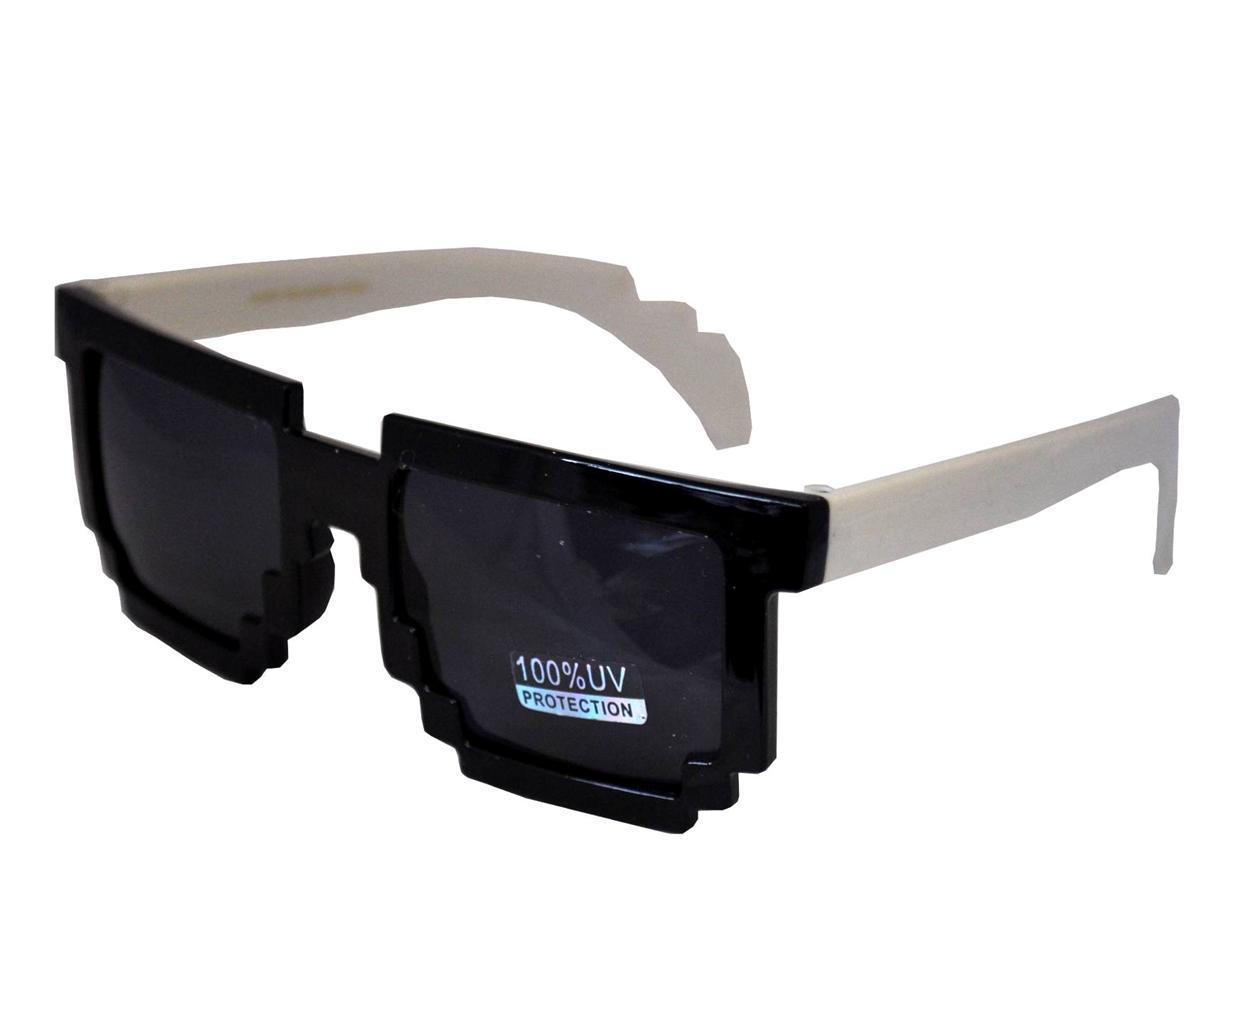 nerd sonnenbrille im wayfarer stil retro vintage brille. Black Bedroom Furniture Sets. Home Design Ideas